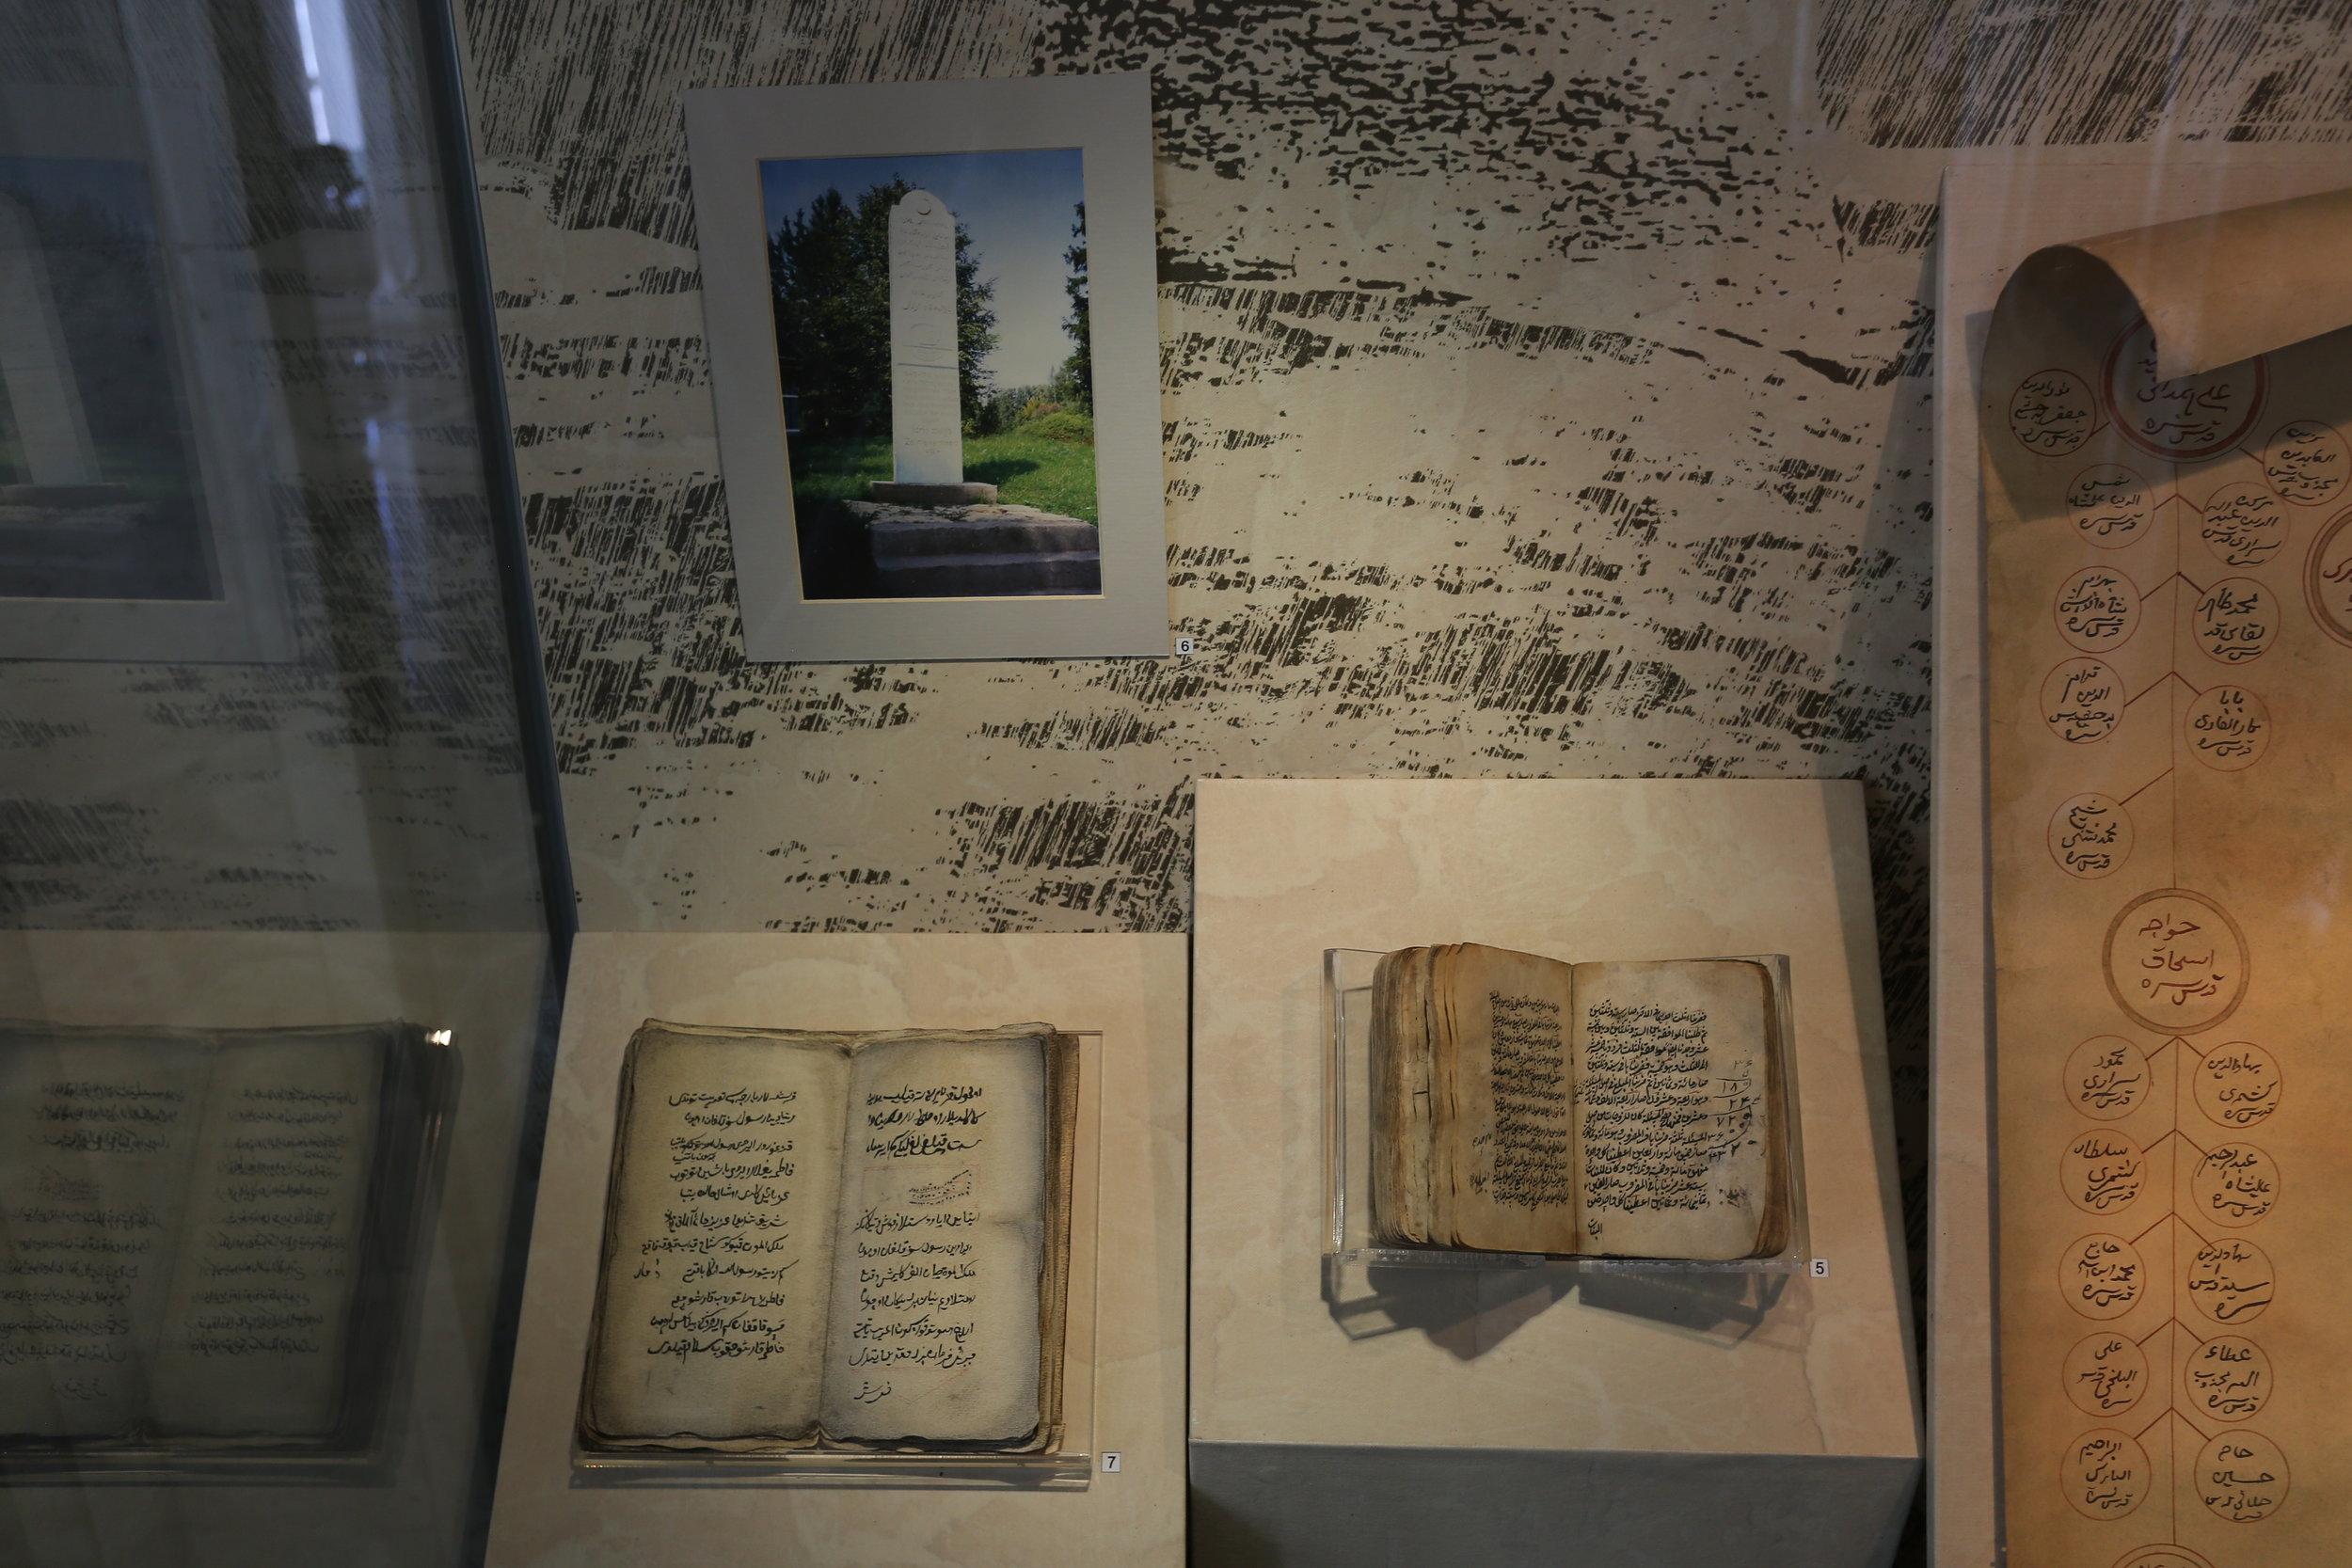 متحف الإسلام - وهو متحف يتواجد بقبو الجامع (قول شريف) يوجد بالمتحفمواضيع مفصلة عن القران الكريم، قصص الأنباء، الحج والعمرة، والعديد من النسخ القديمة من القران الكريم، والتي أعز الله بها هذه الأرض